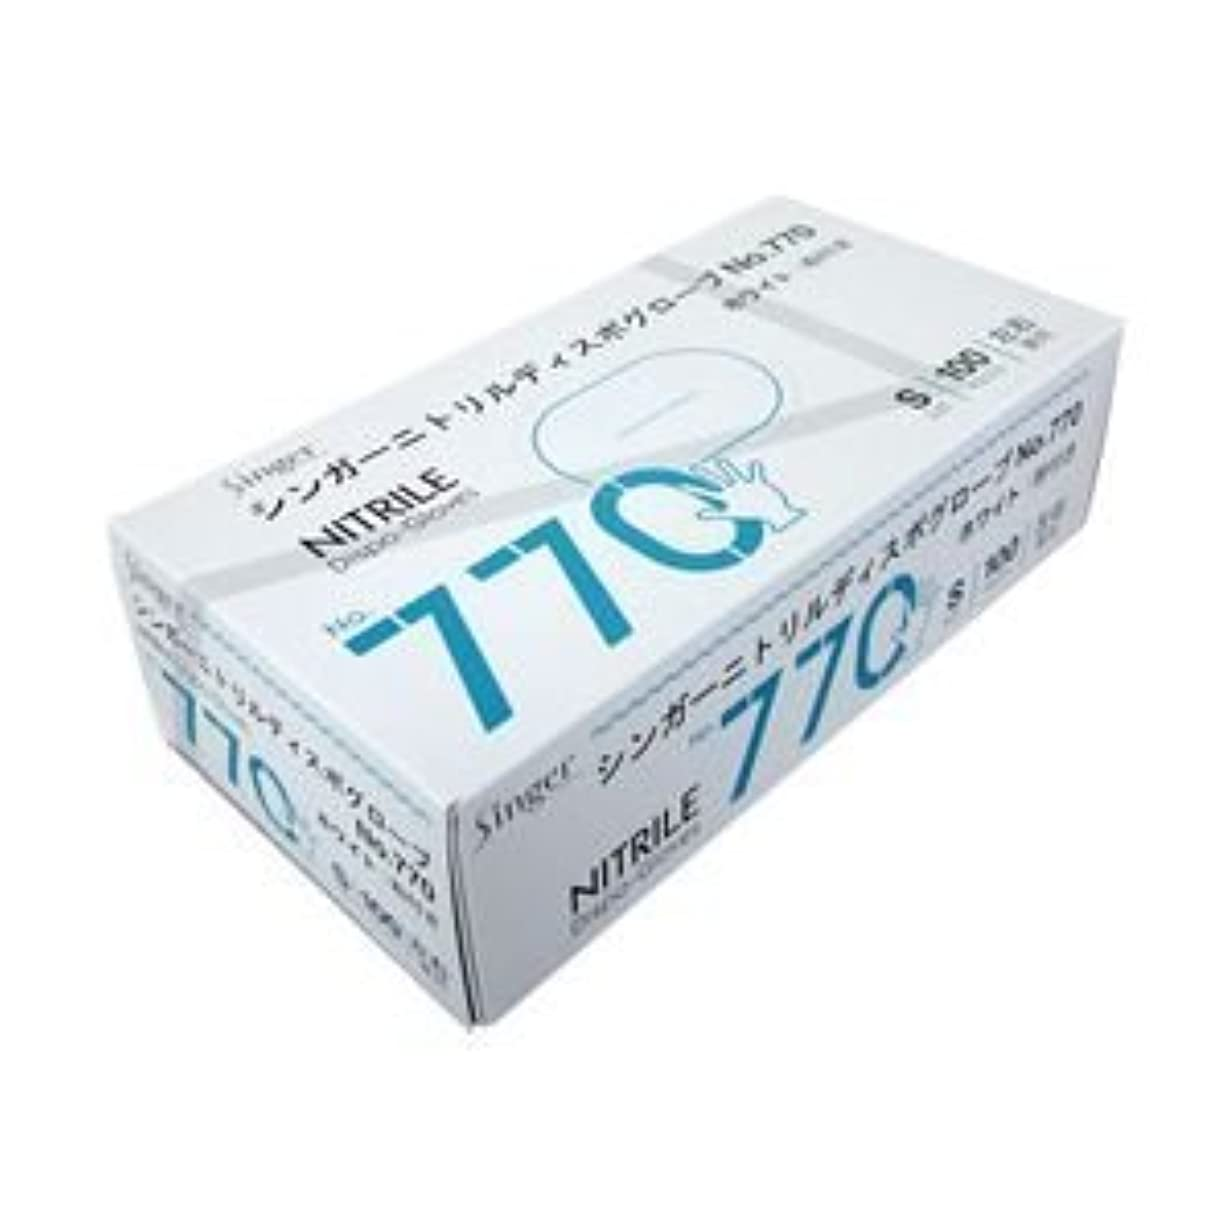 ペナルティコールドかける宇都宮製作 ニトリル手袋770 粉付き S 1箱(100枚) ×5セット